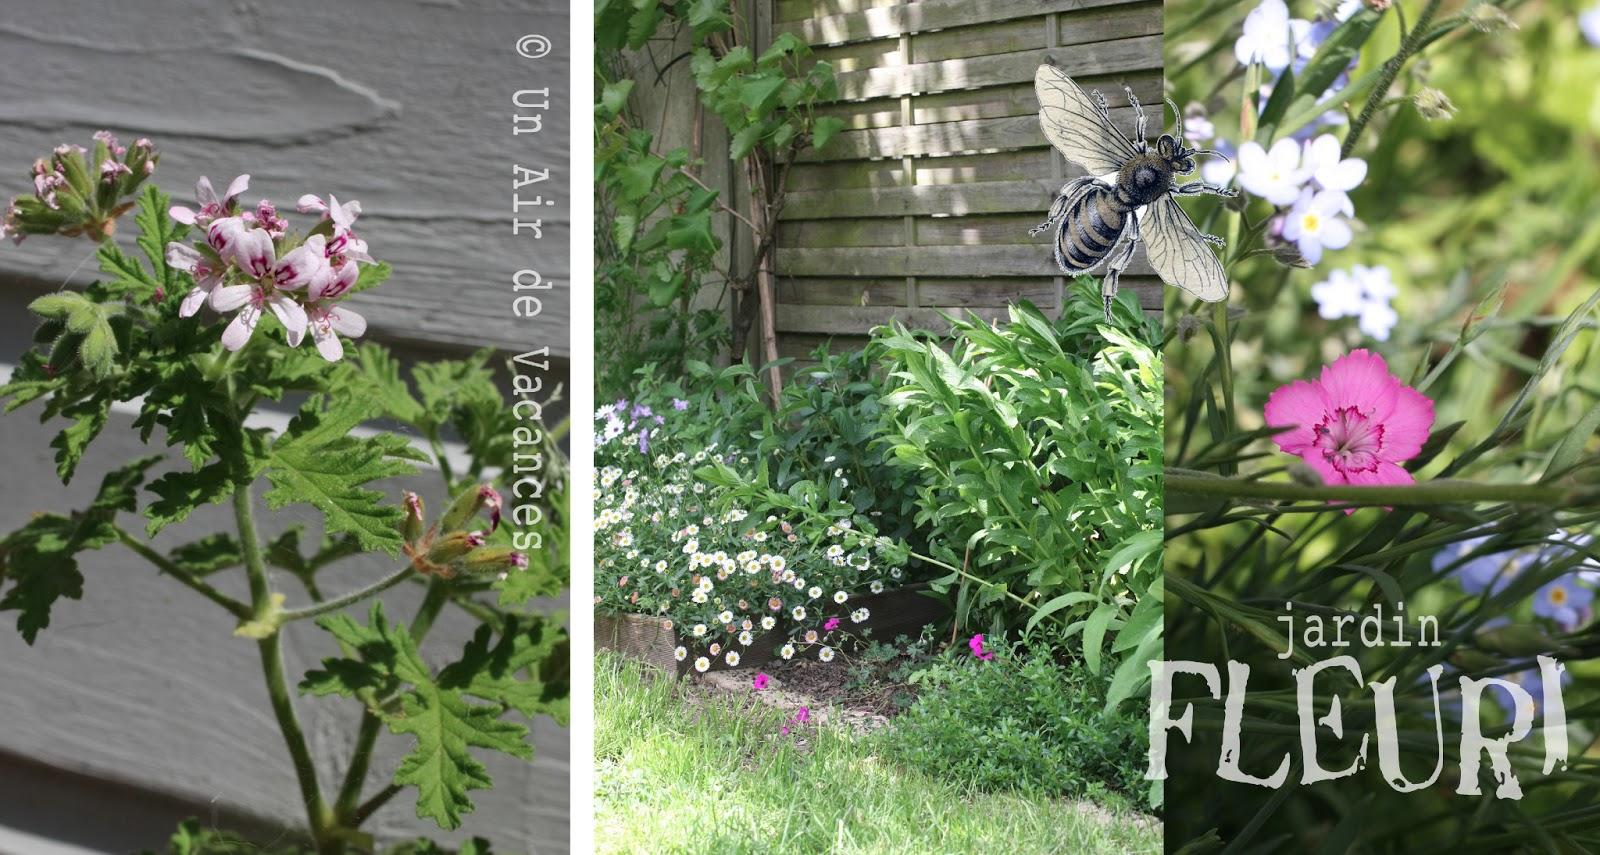 Un air de vacances jardin fleuri for Organiser un jardin fleuri